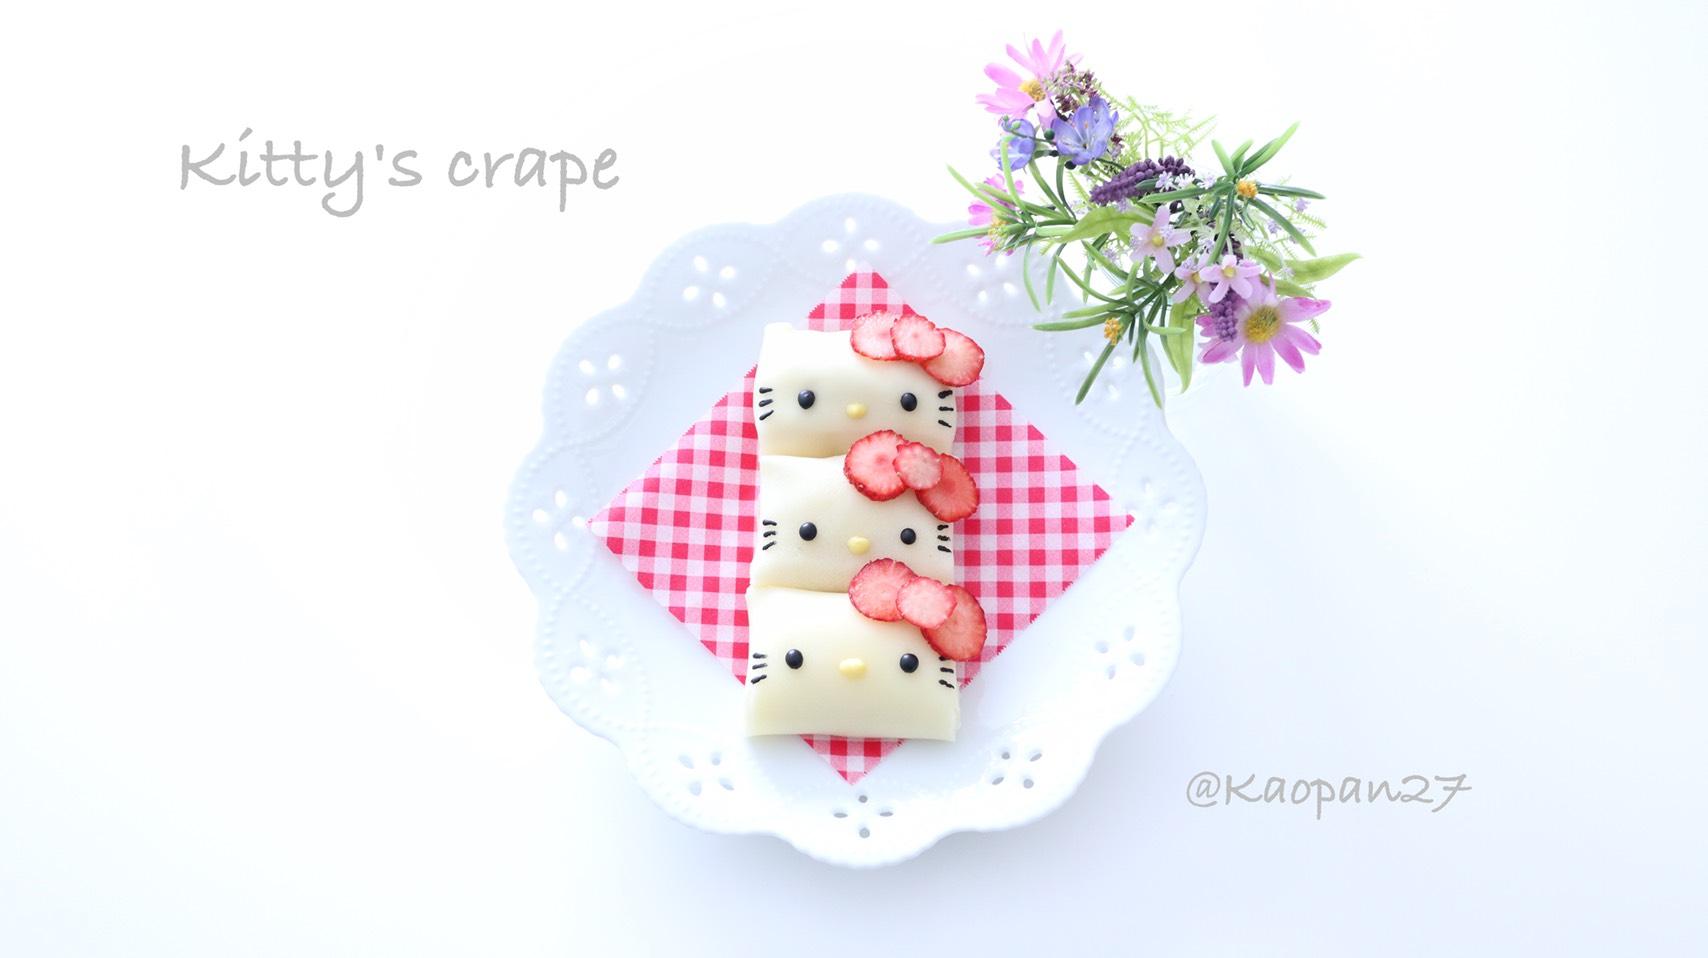 キャラ弁 キャラスイーツ キティ クレープ レシピ Kitty recipe crape charaben charasweets 食譜_5